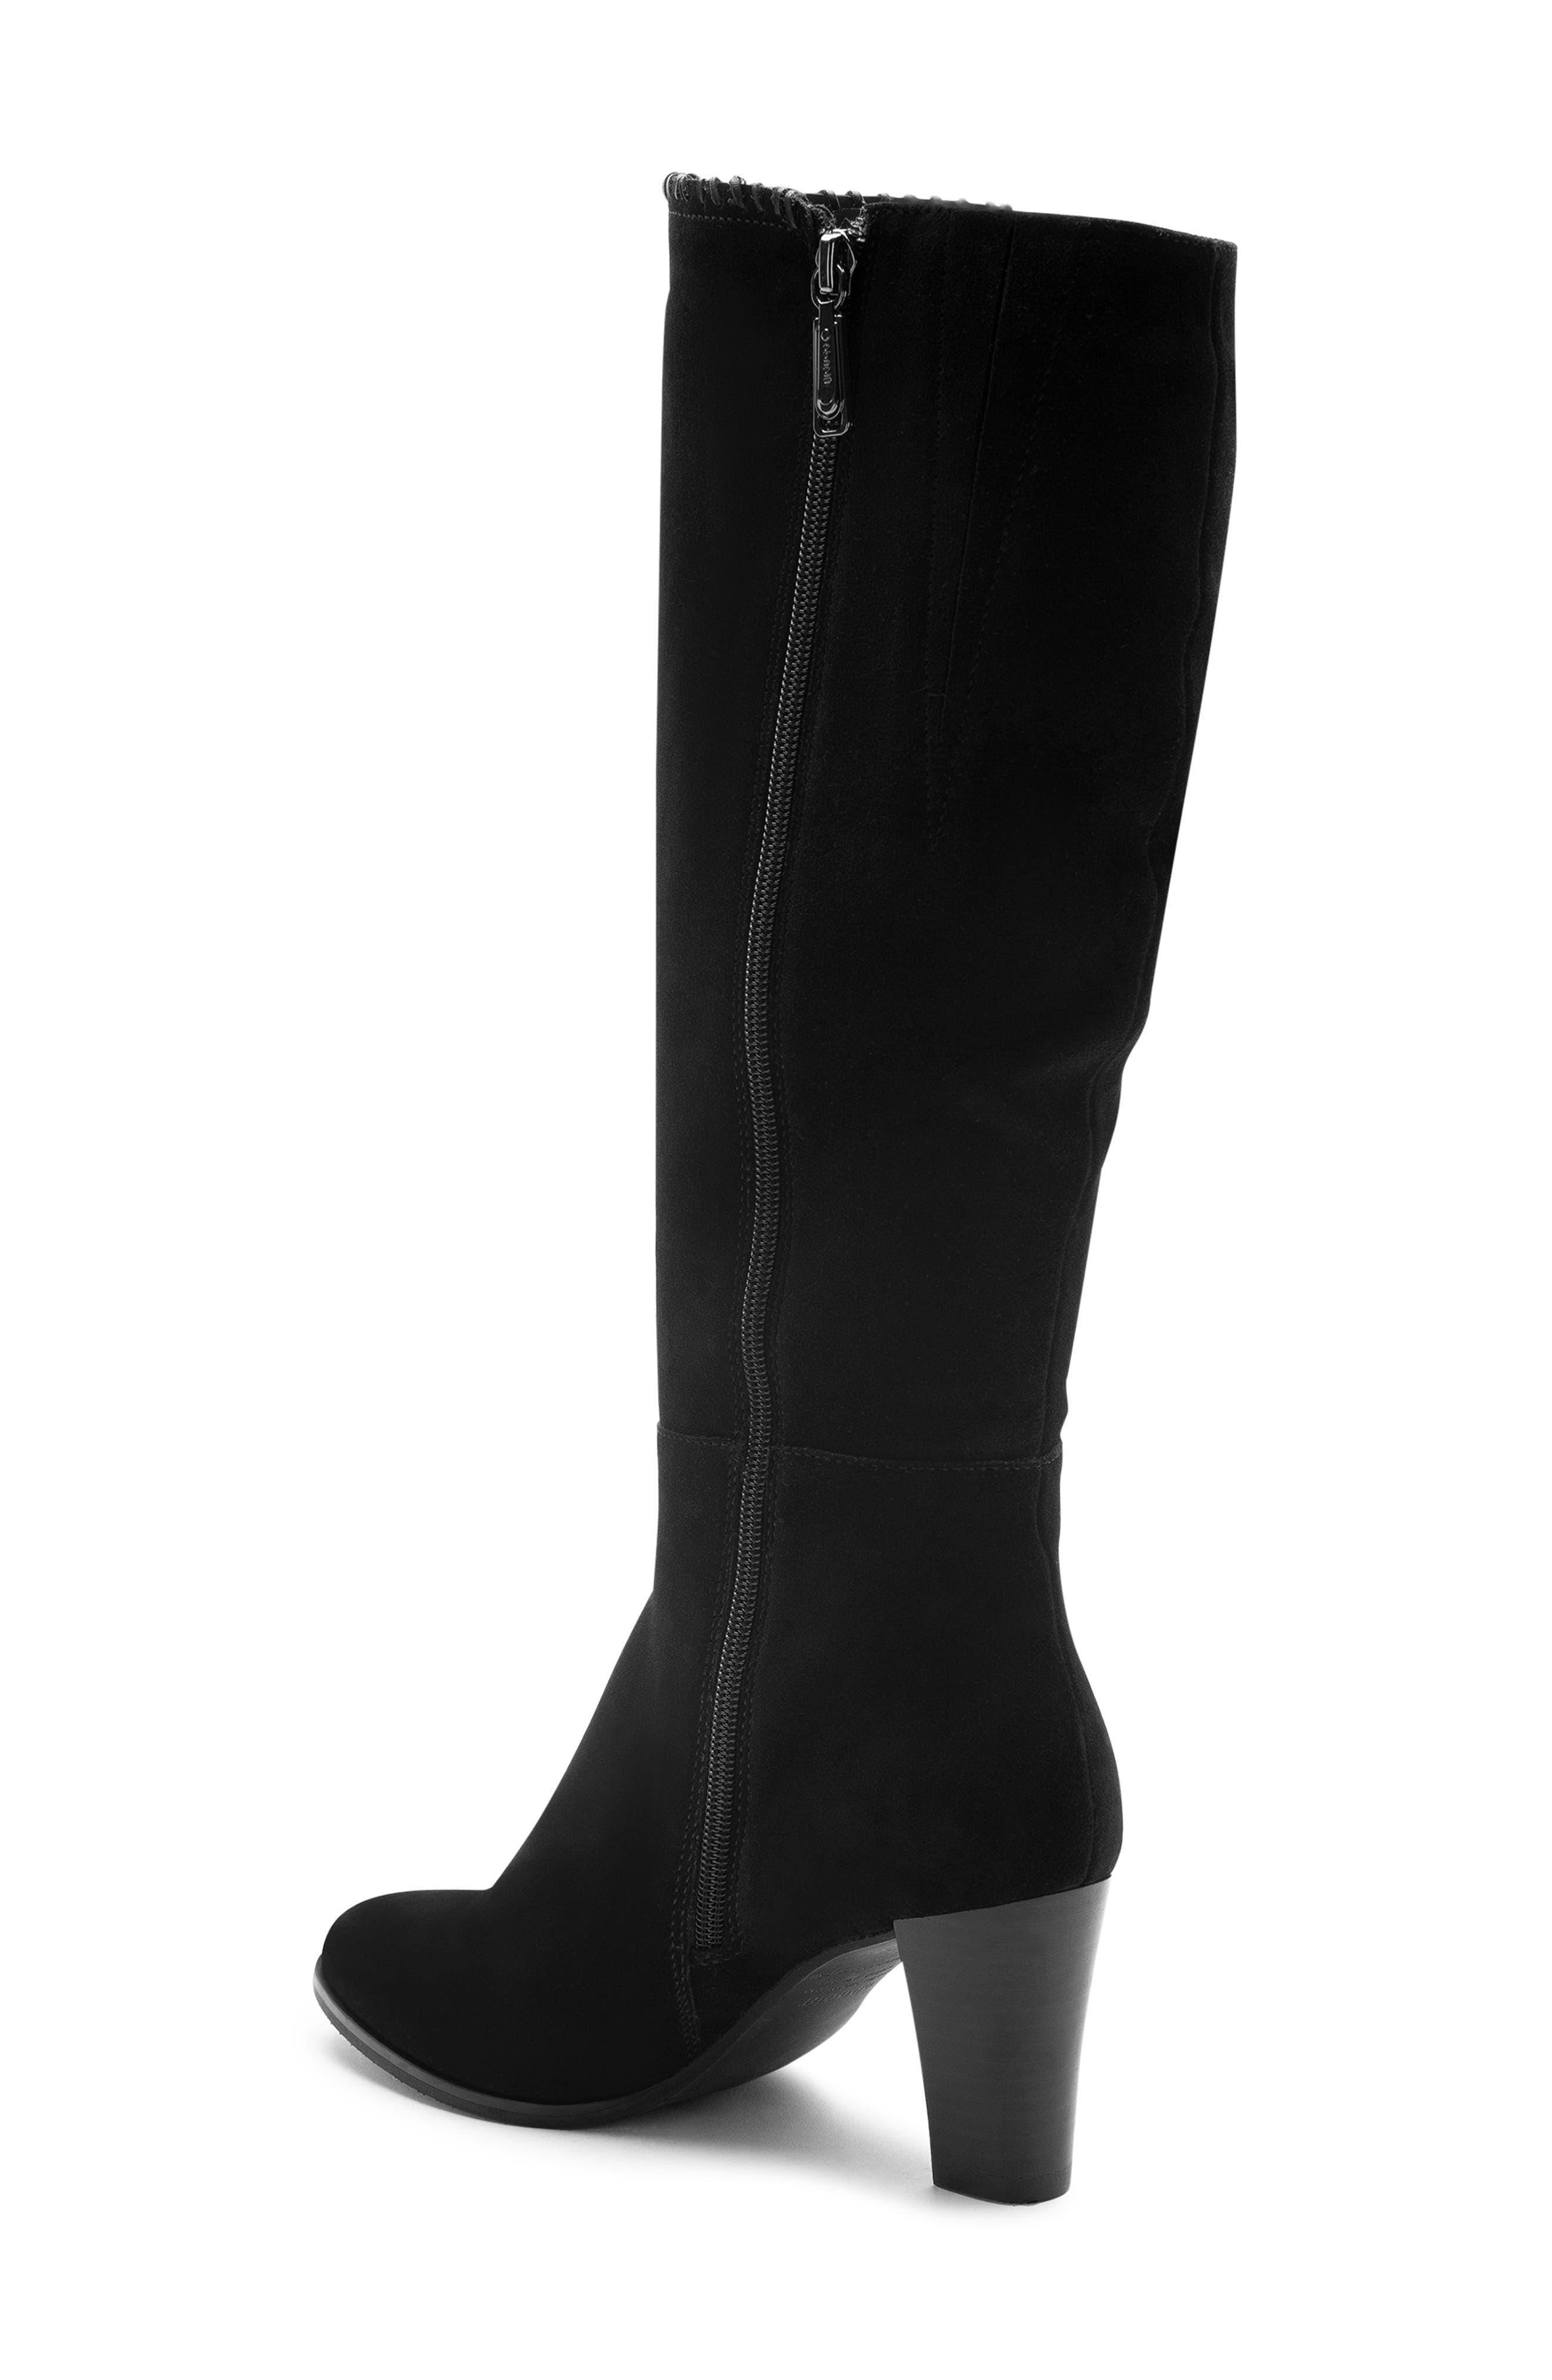 BLONDO, Edith Knee-High Waterproof Suede Boot, Alternate thumbnail 2, color, BLACK SUEDE